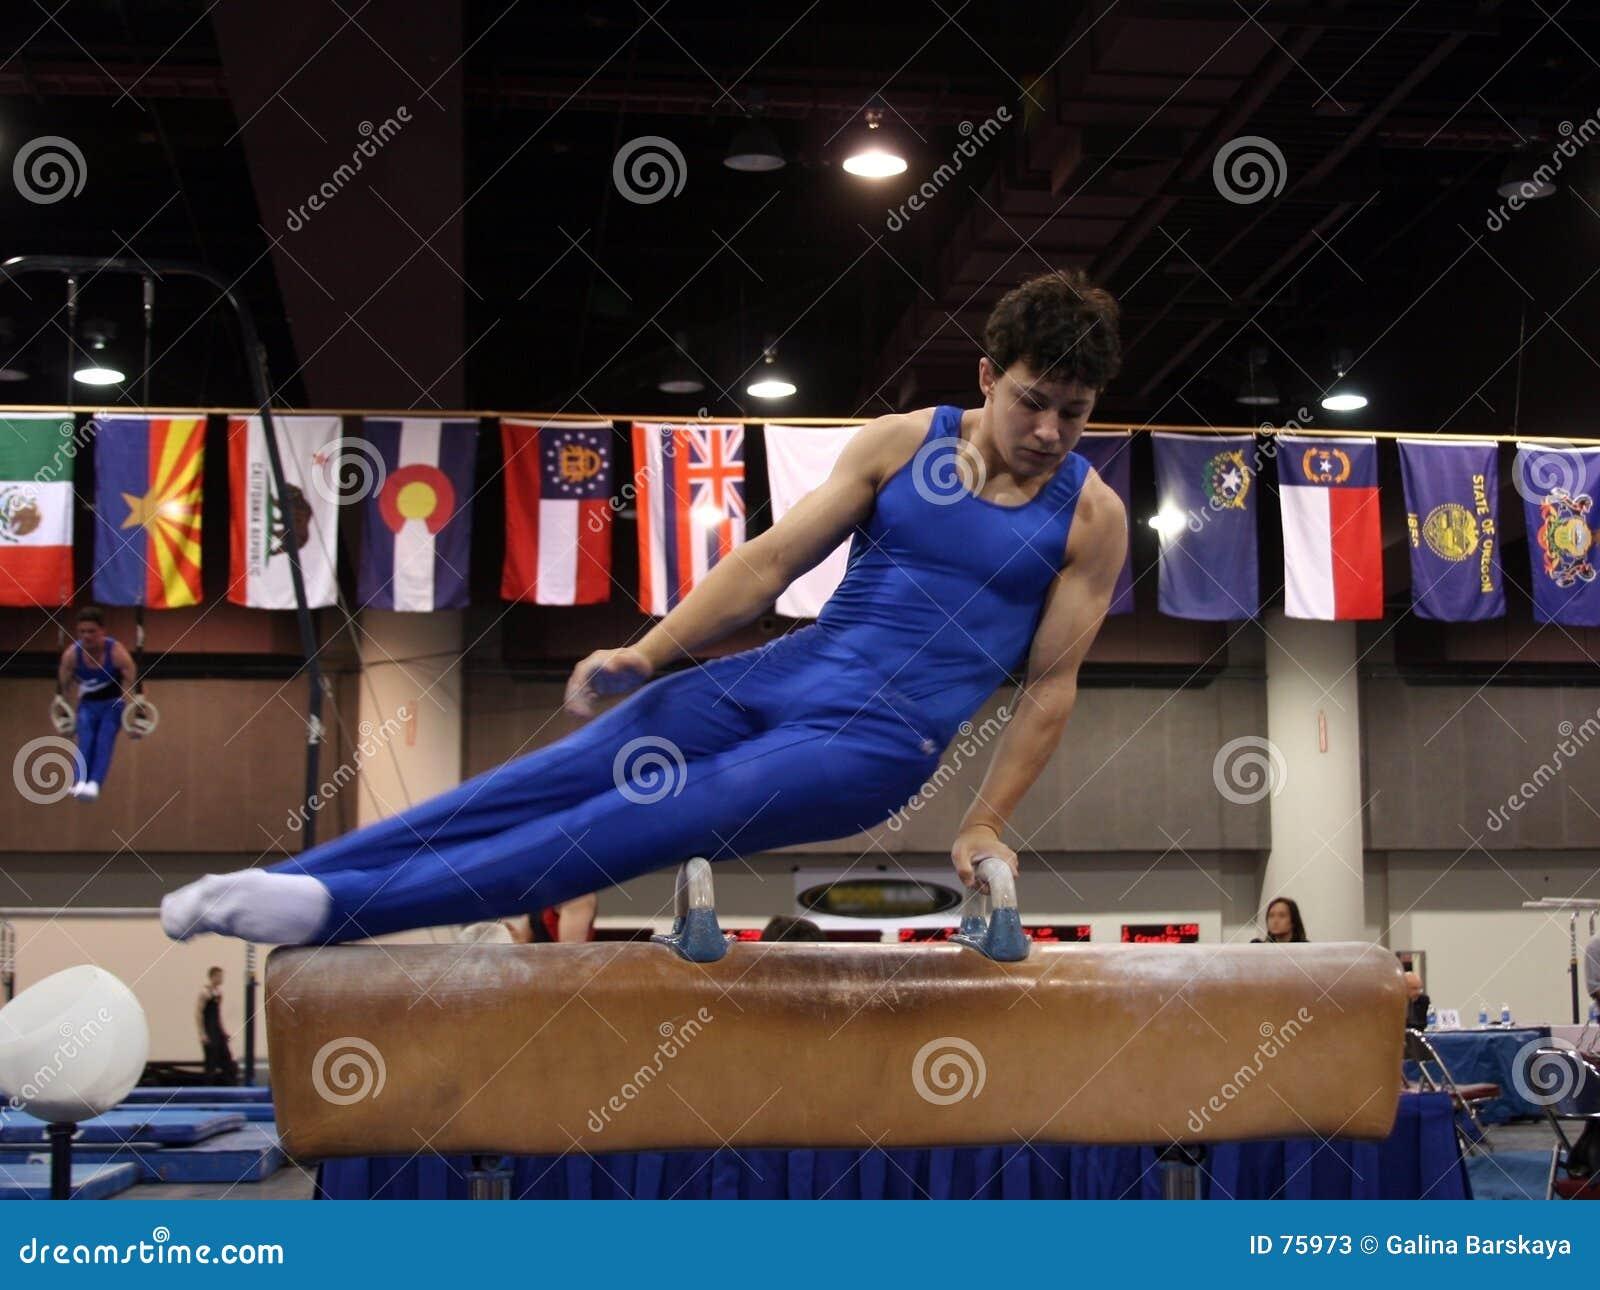 Gymnastpommel